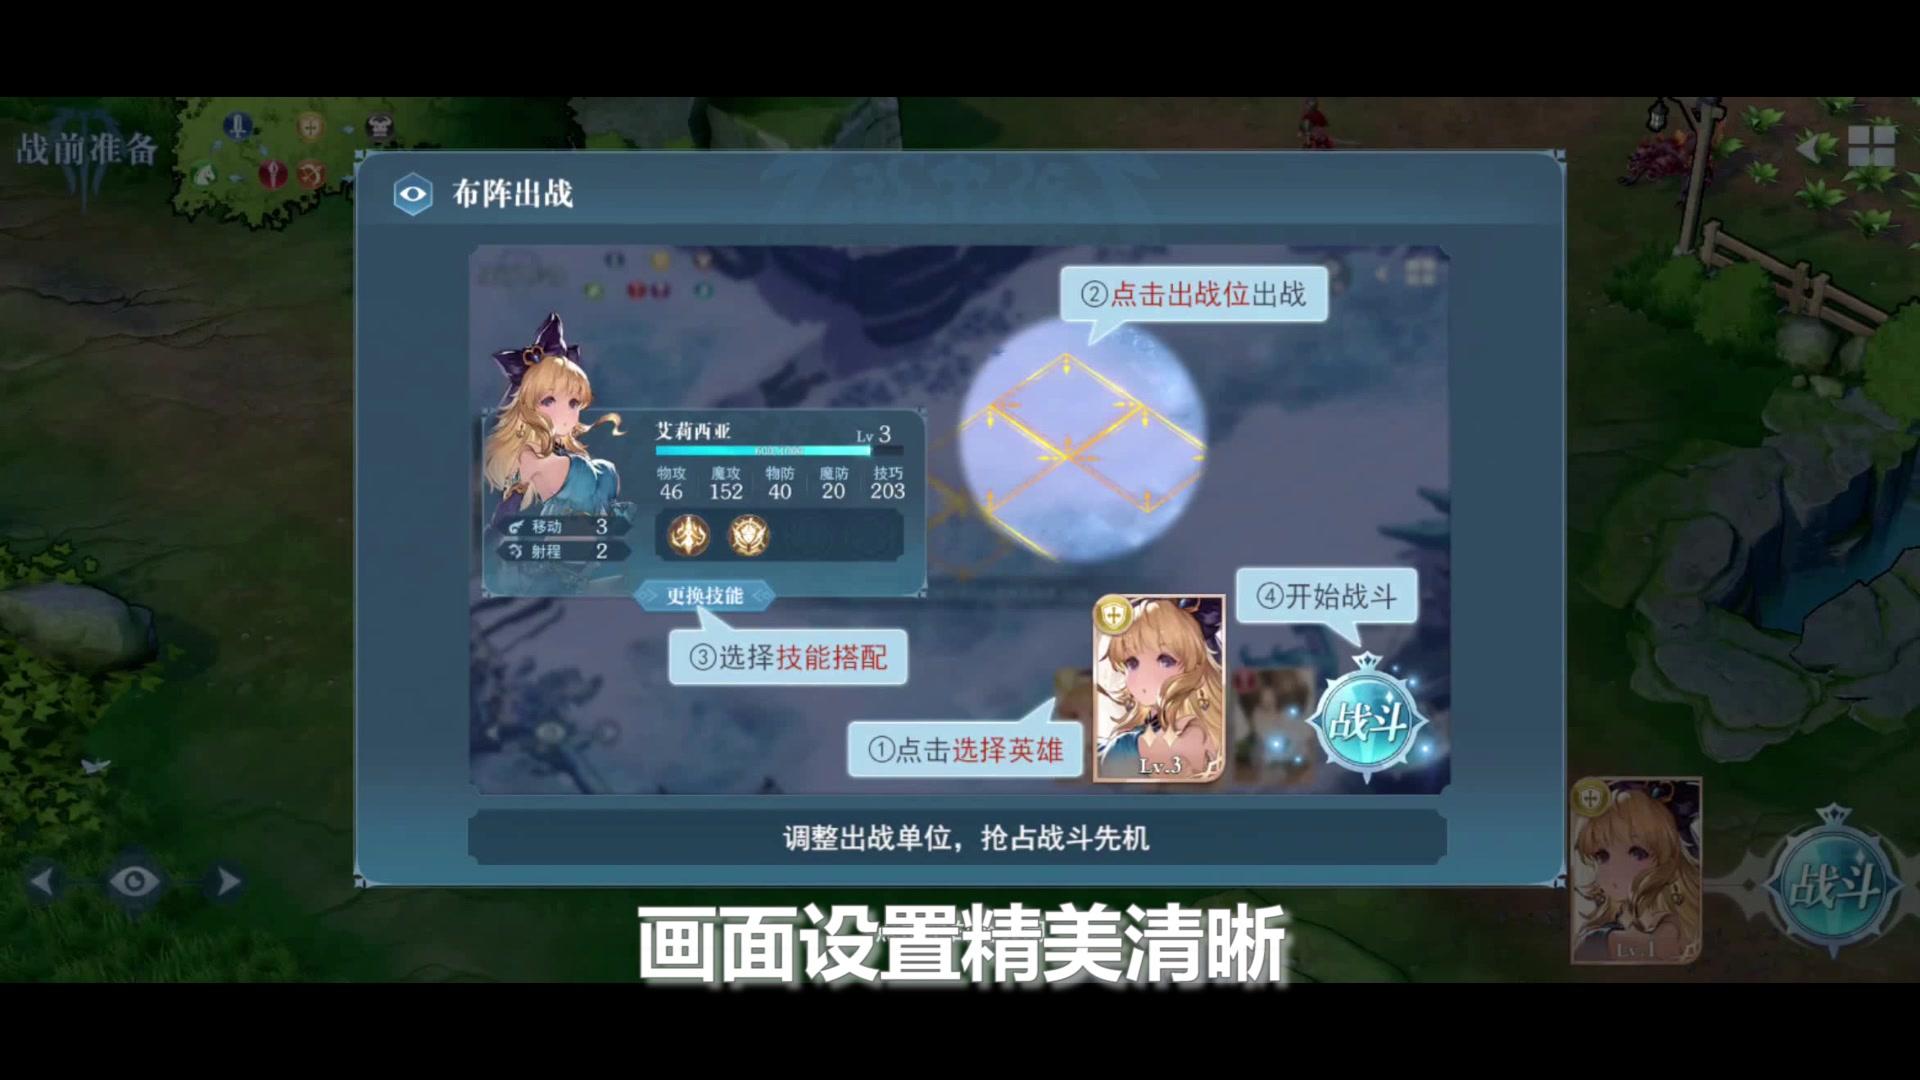 《风色幻想命运传说》试玩视频-17173新游秒懂